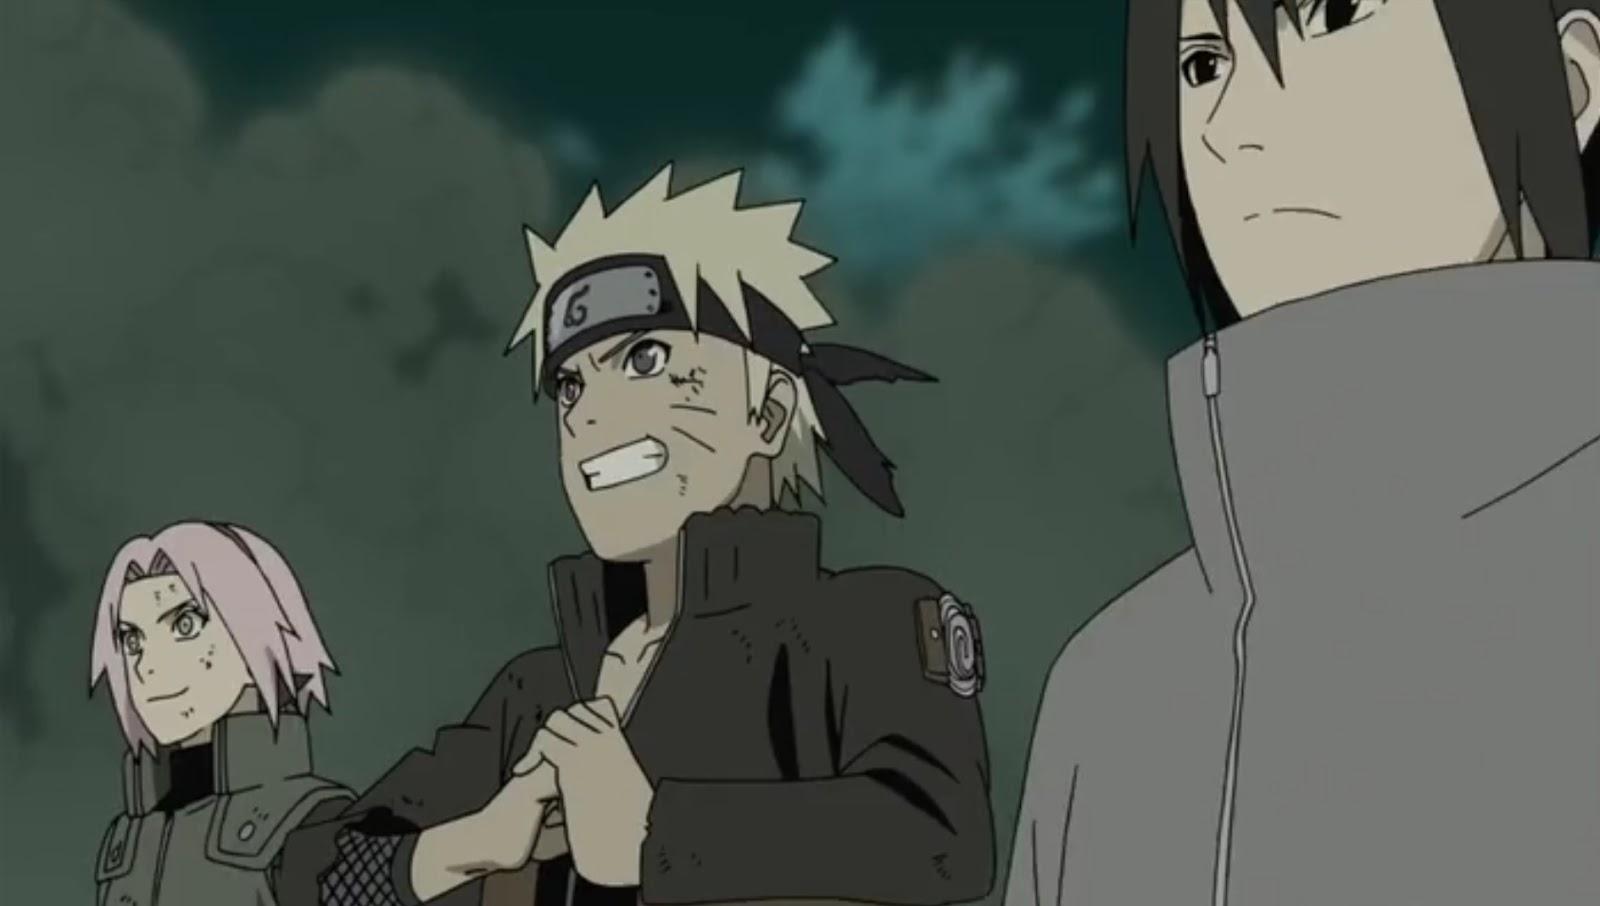 Naruto Shippuden Episódio 373, Assistir Naruto Shippuden Episódio 373, Assistir Naruto Shippuden Todos os Episódios Legendado, Naruto Shippuden episódio 373,HD